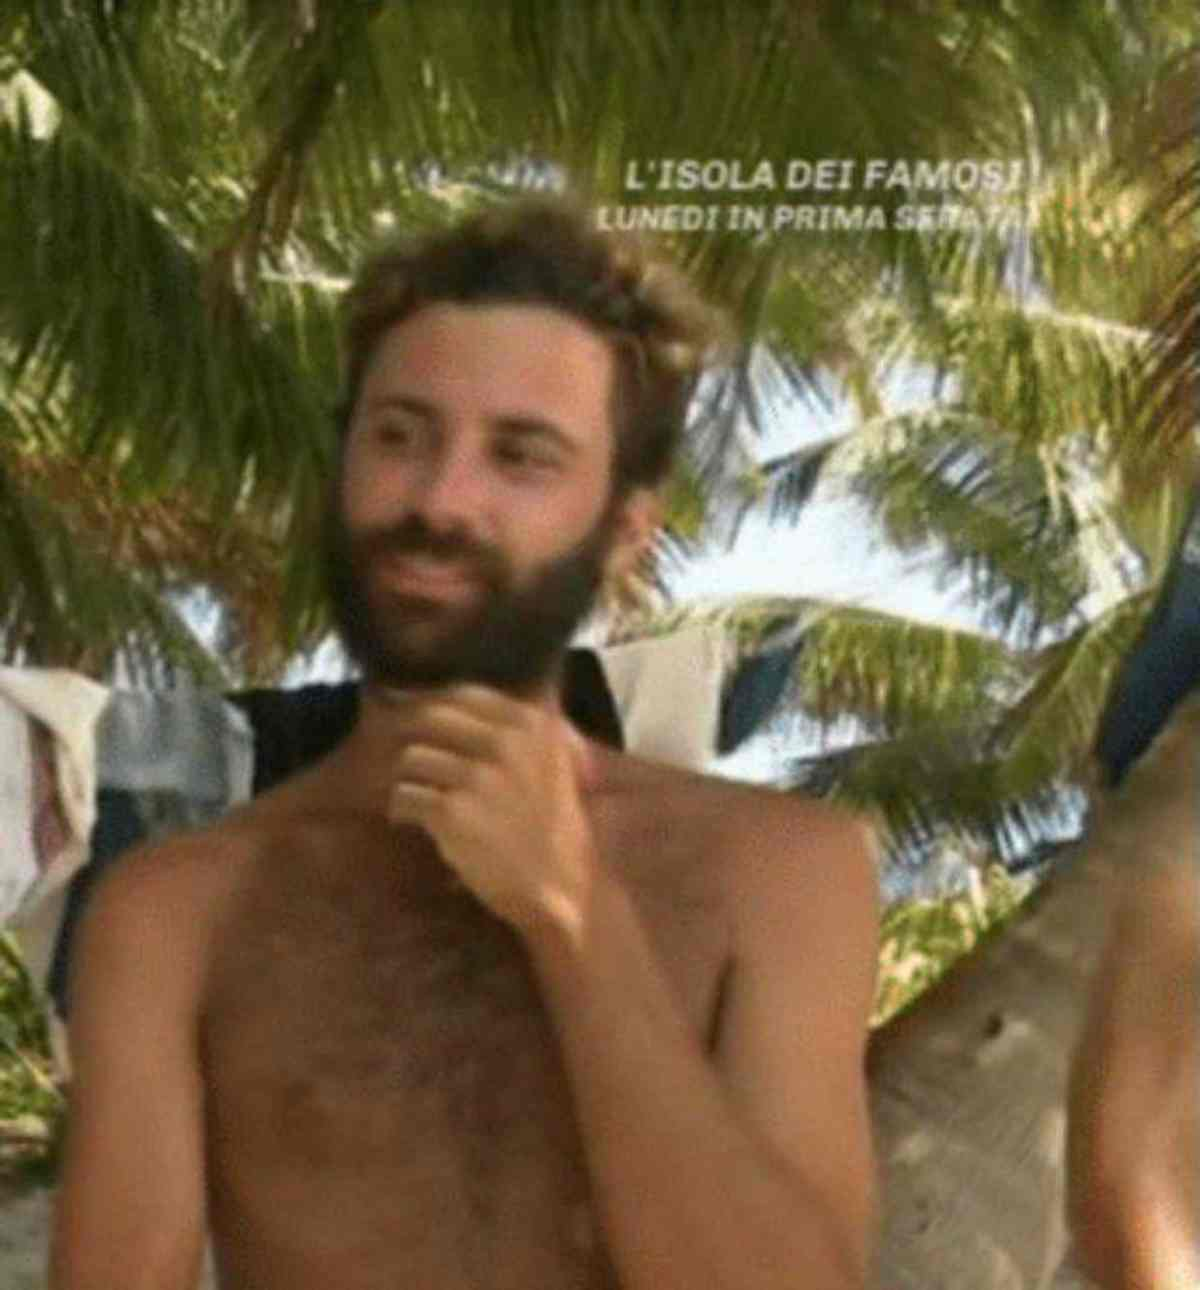 Luca Vismara Isola dei Famosi, nuovo singolo: titolo e testo